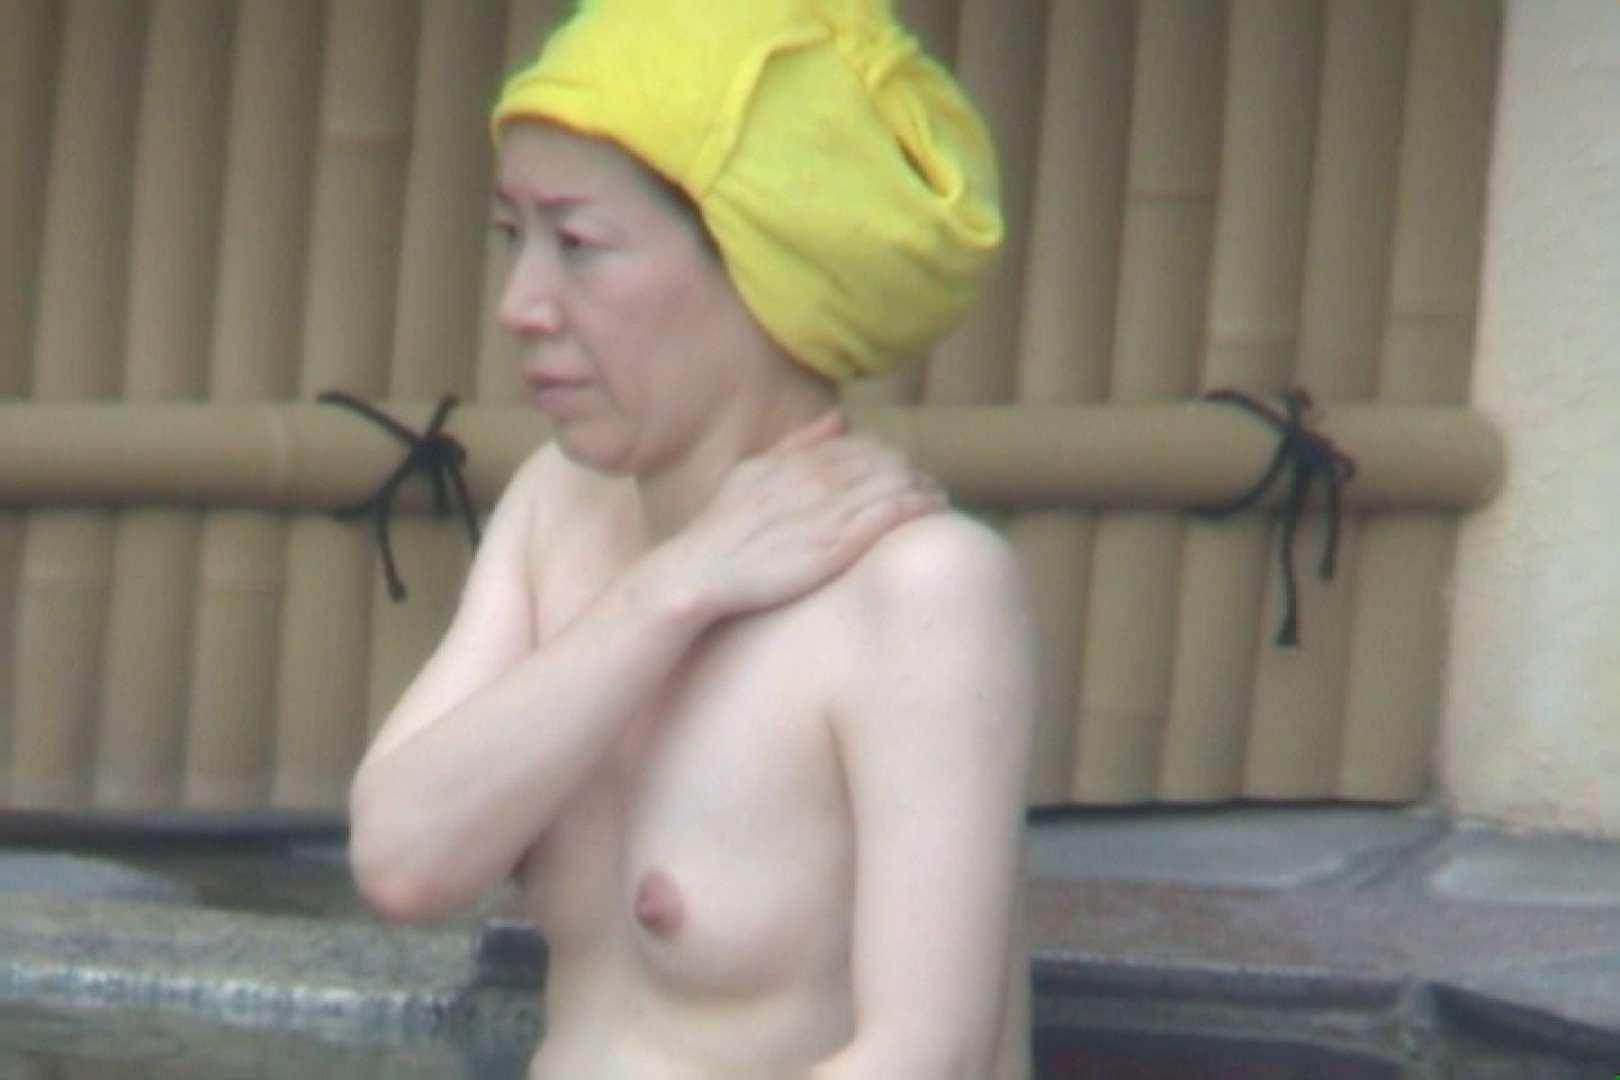 Aquaな露天風呂Vol.569 美しいOLの裸体  96pic 81